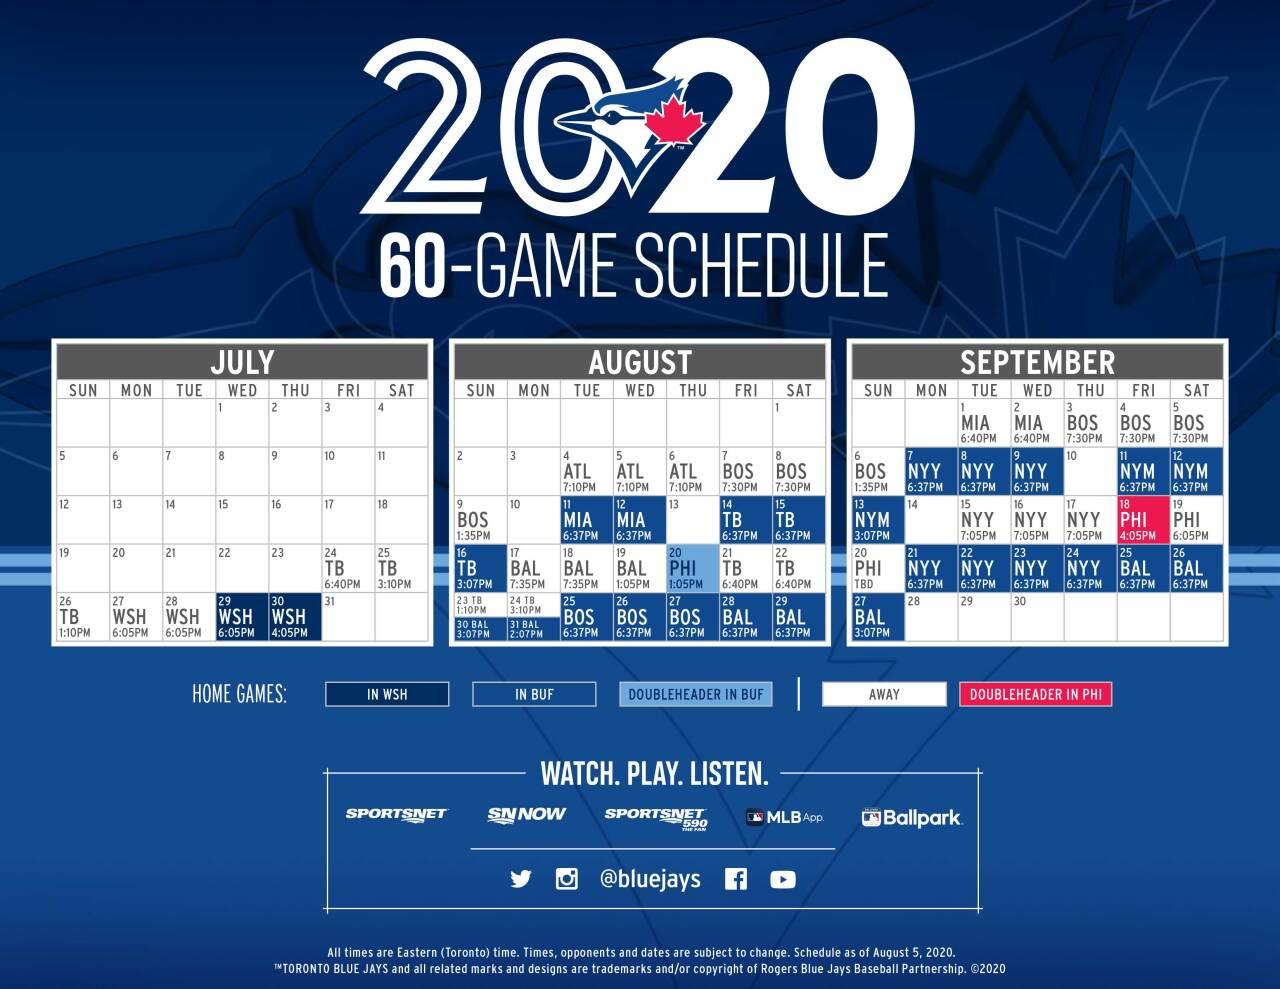 Blue Jays Schedule.jpeg